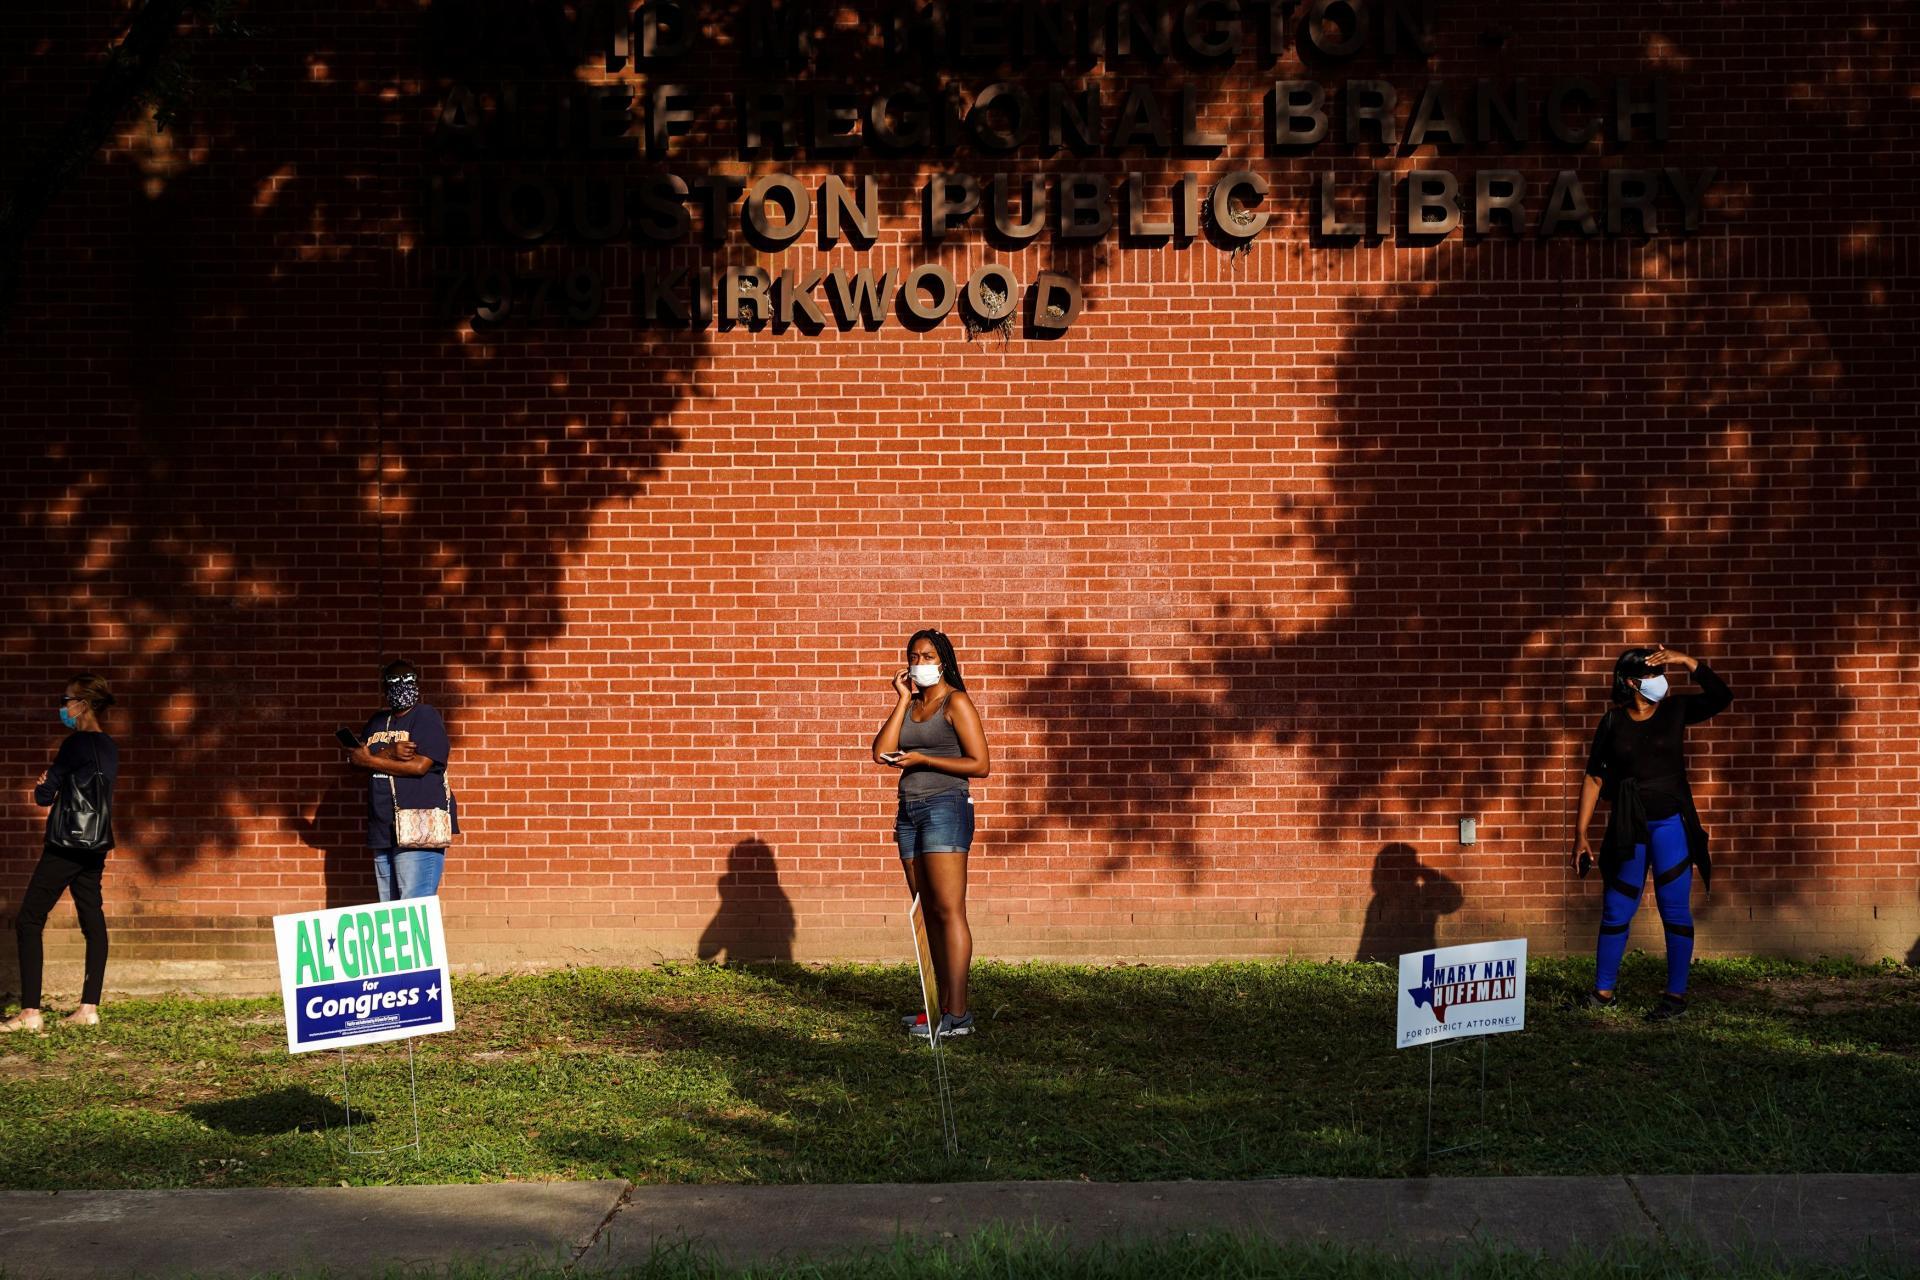 Le Texas est un État traditionnellement conservateur.  Depuis 1980, ses habitants ont voté pour le candidat républicain à la présidentielle.  Cette année, cependant, les sondages montrent que le démocrate Joe Biden est en mesure de défier Donald Trump pour la victoire.  Le 13 octobre, les électeurs se sont alignés pour voter à Houston.